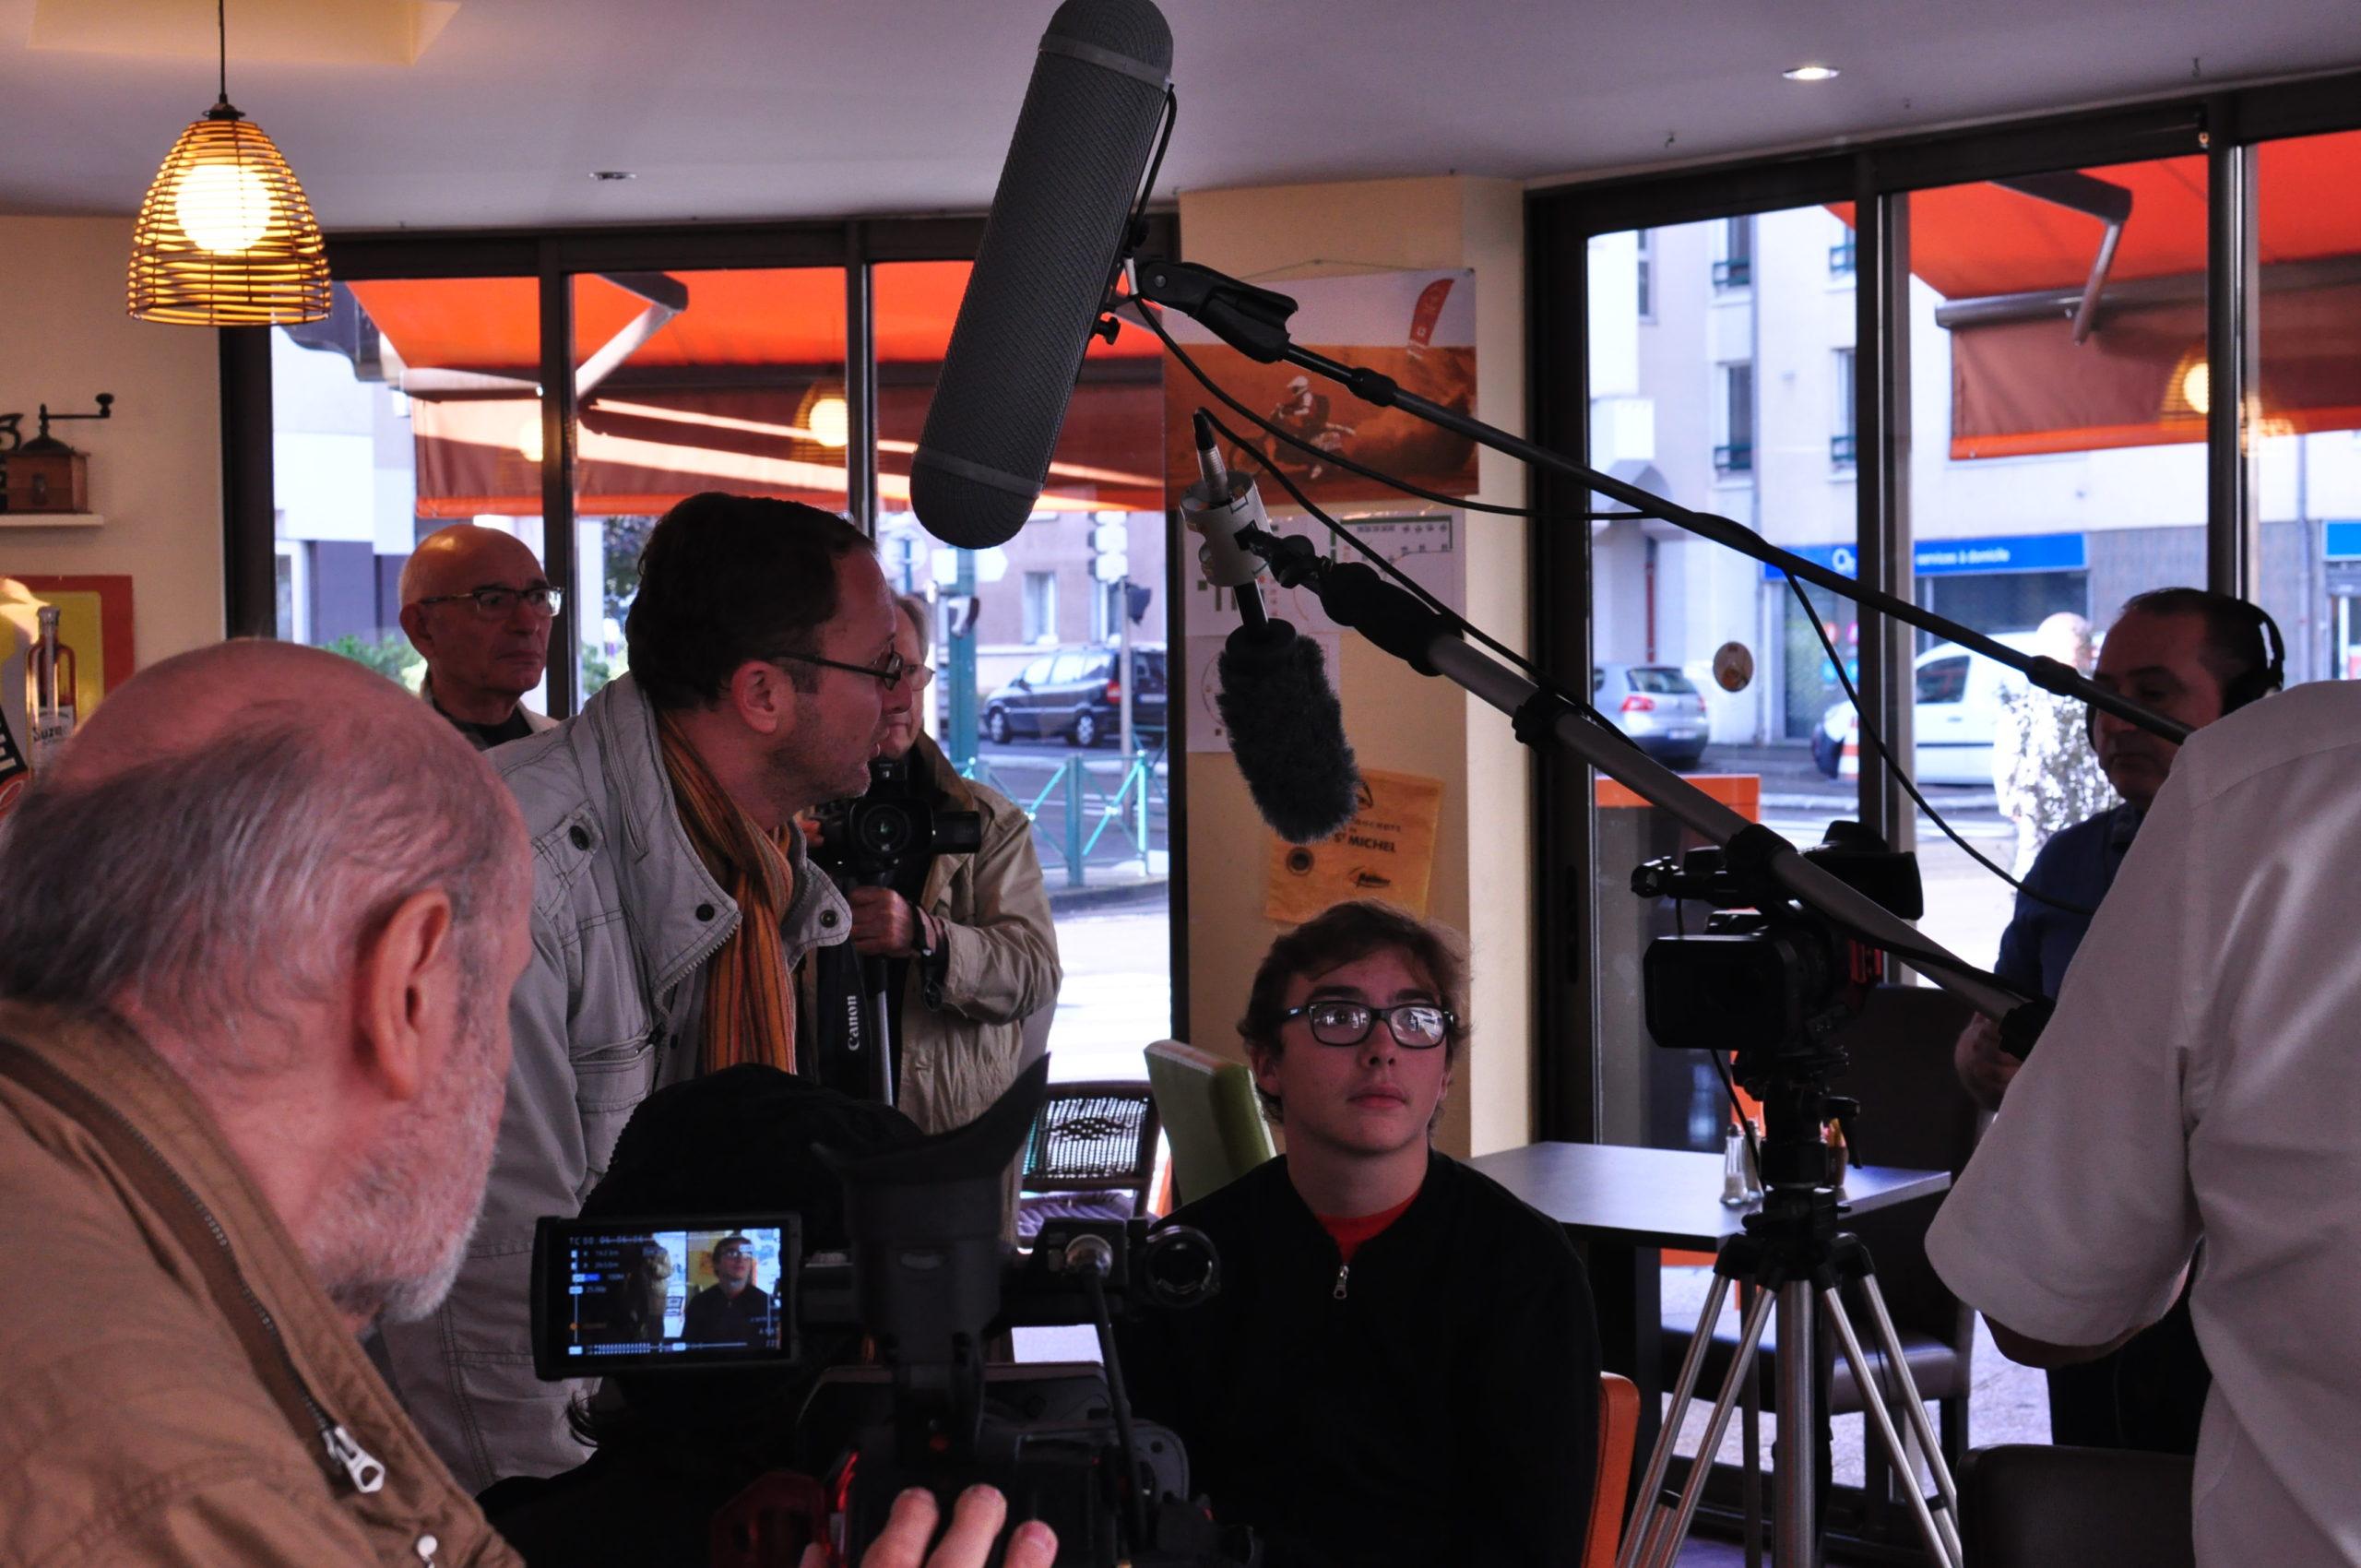 Tontons cadreurs 48hfp 2016 Portrait de famille tournage 9